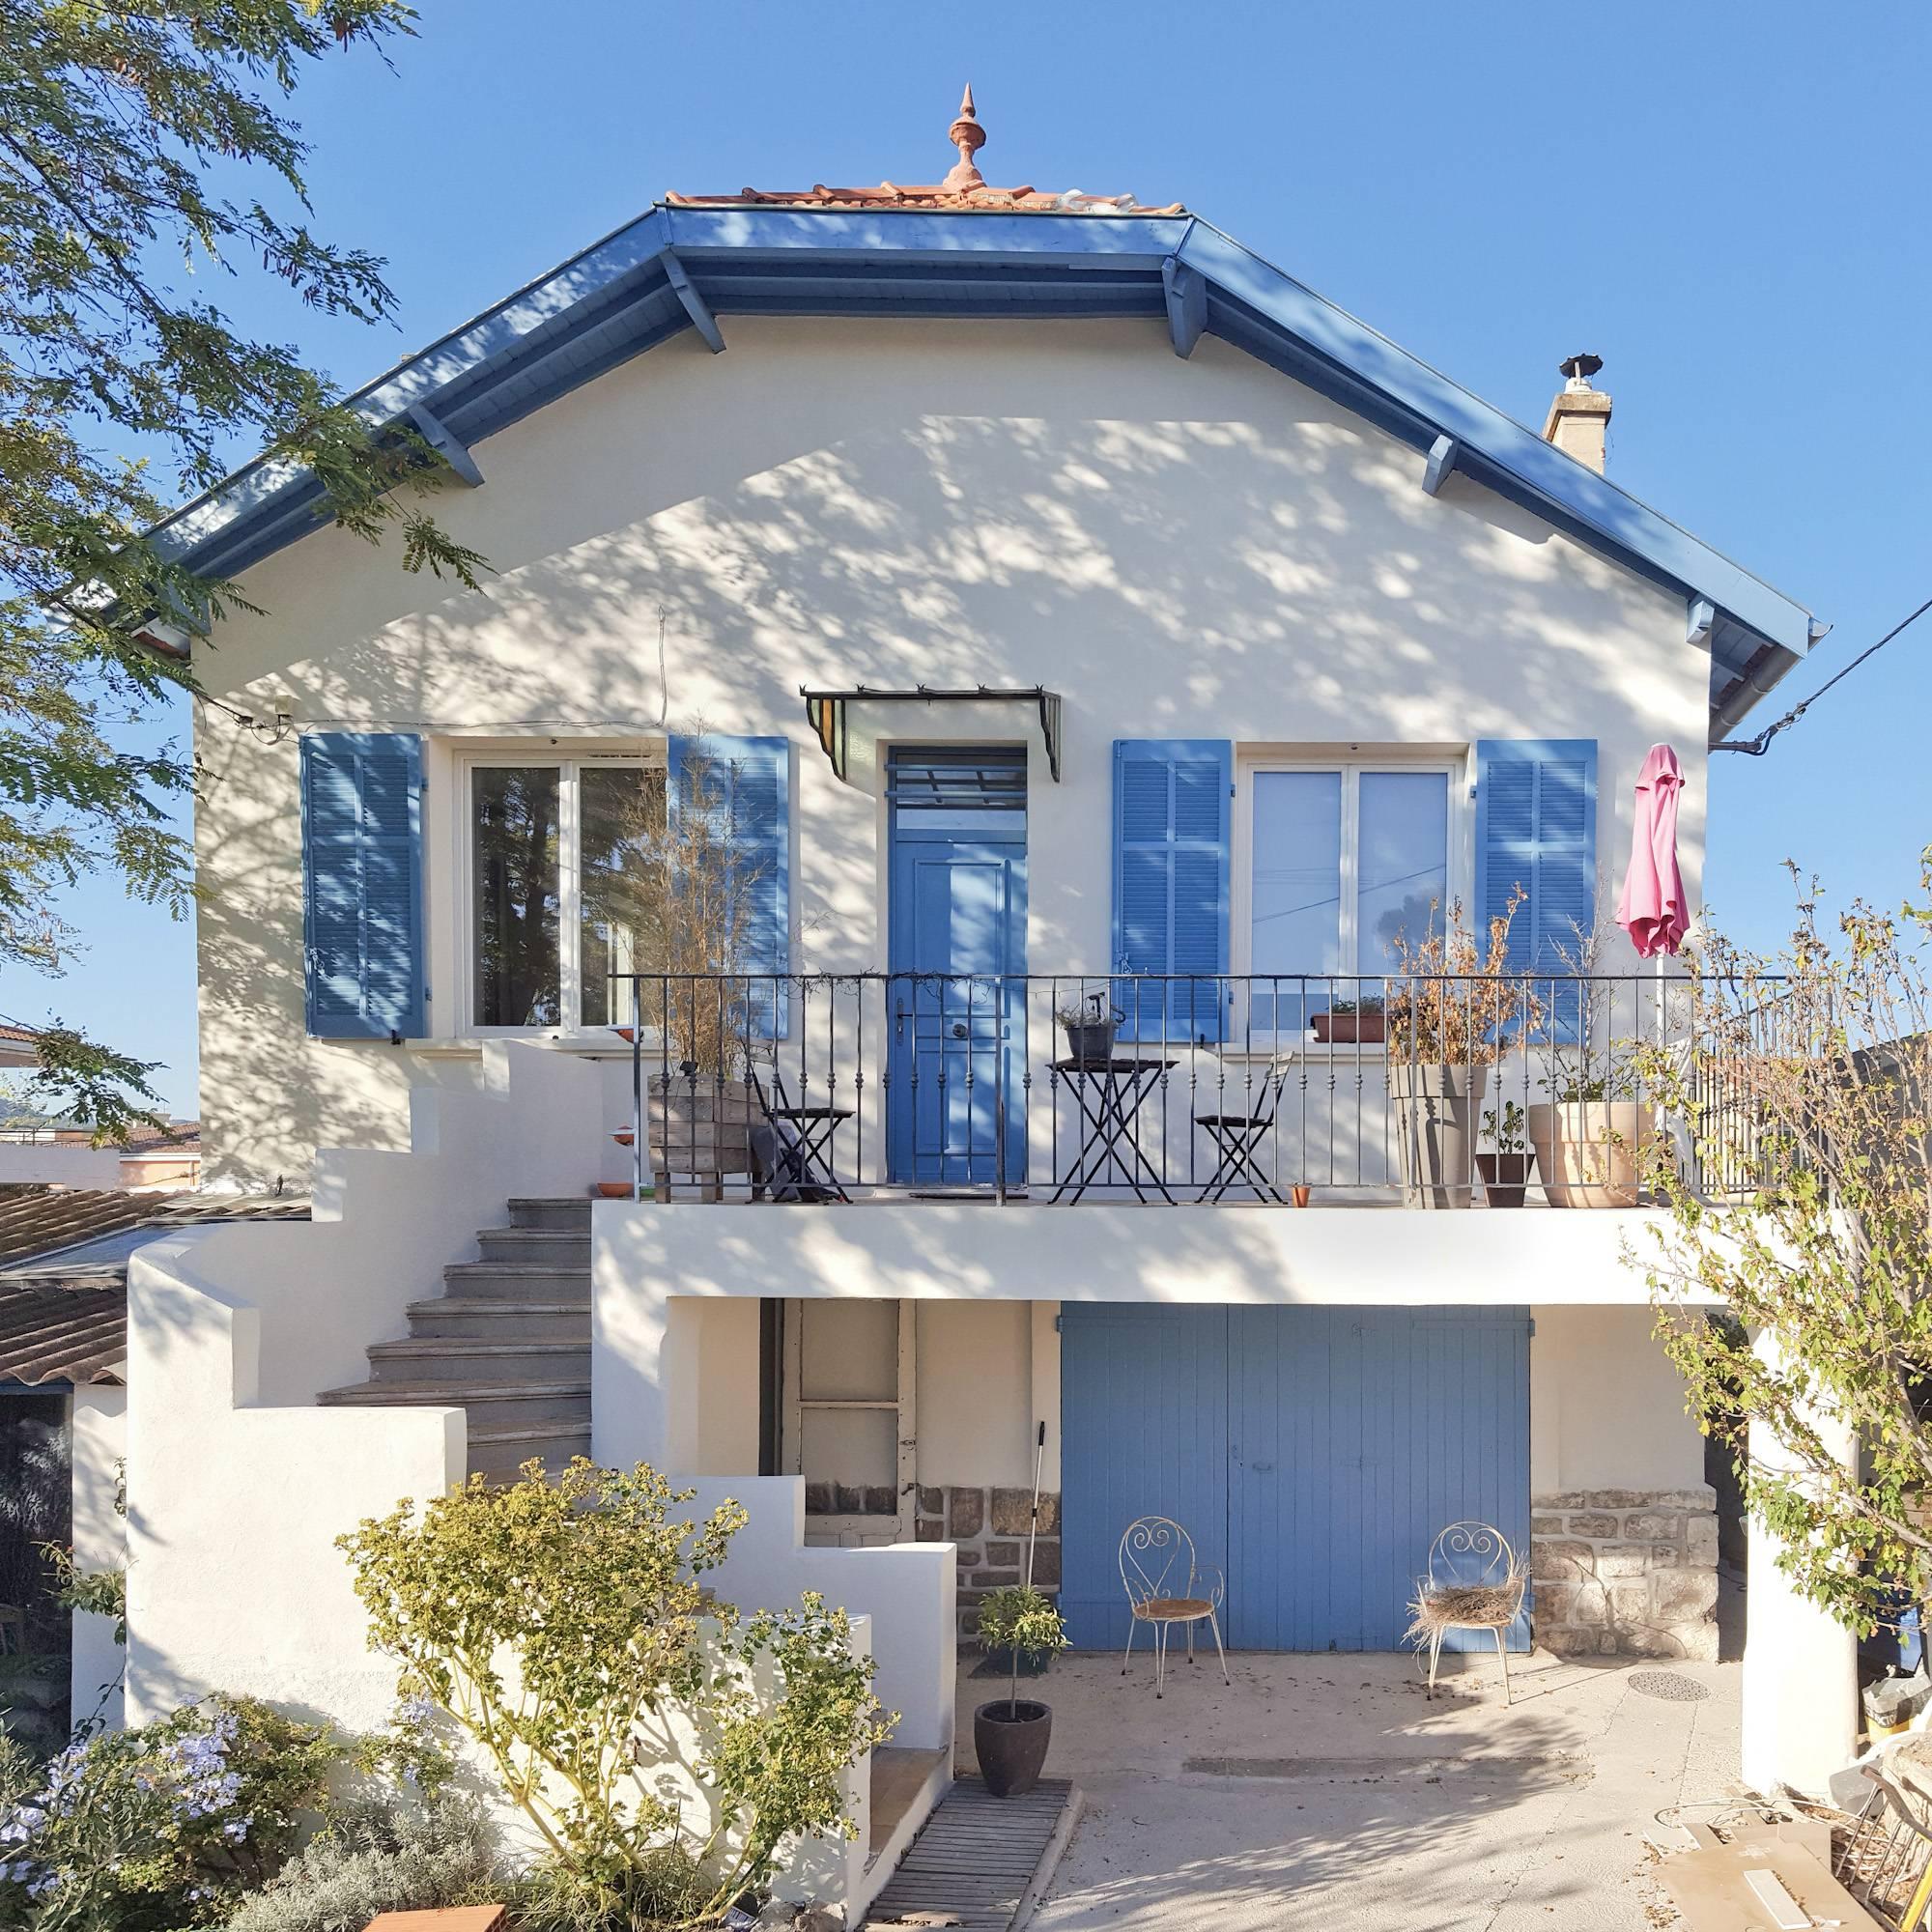 Ravalement de façades d'une villa des années 30-40 à Aubagne (13400)